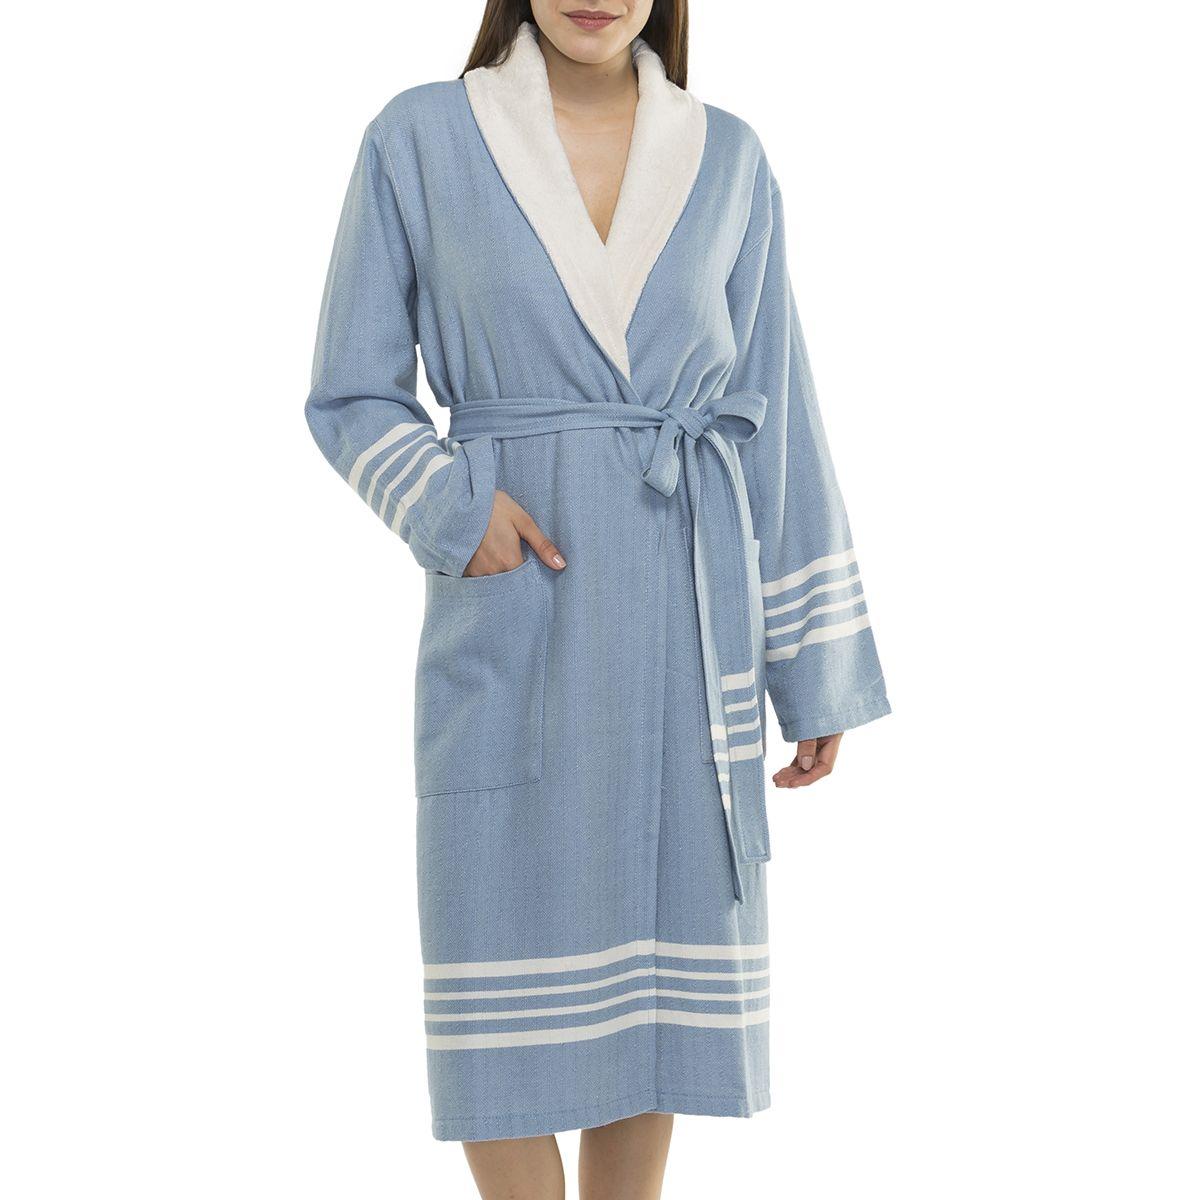 Bathrobe Sultan with towel - Air Blue